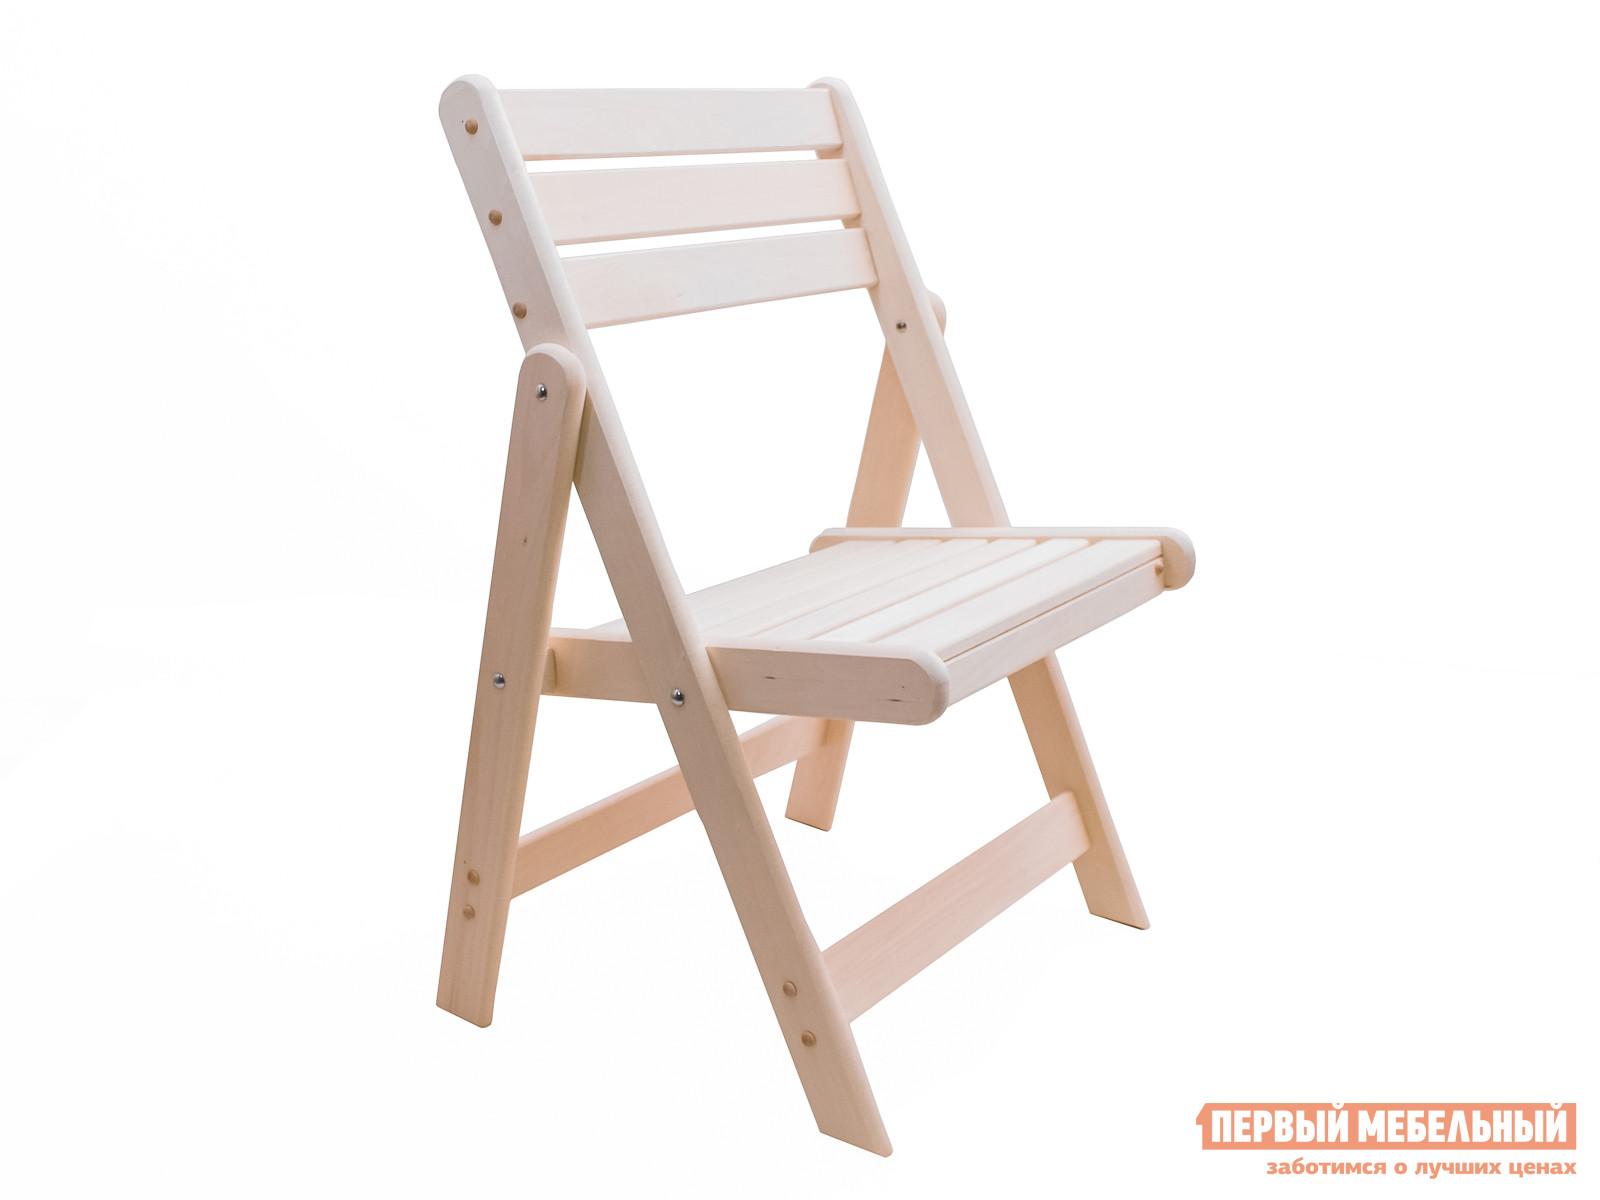 Деревянный раскладной садовый стул МариМебель Сальмо деревянный уличный стол раскладной маримебель паскаль